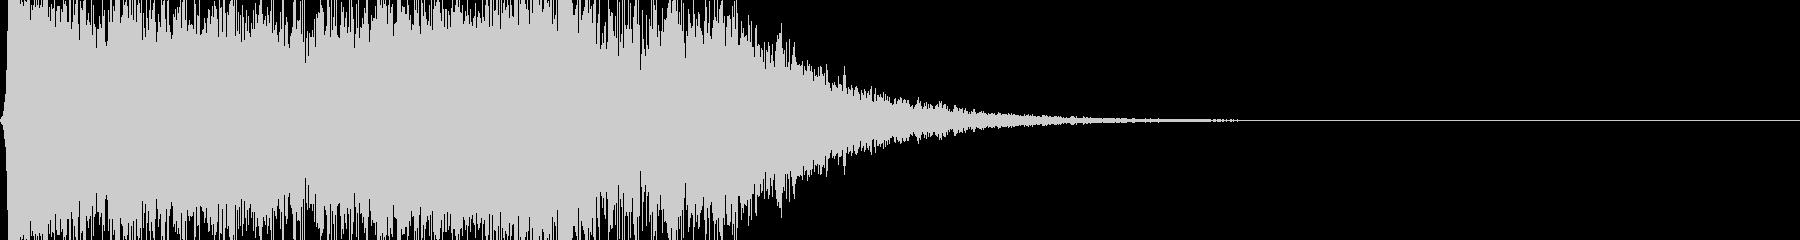 煽り用の効果音(ドシューン)の未再生の波形